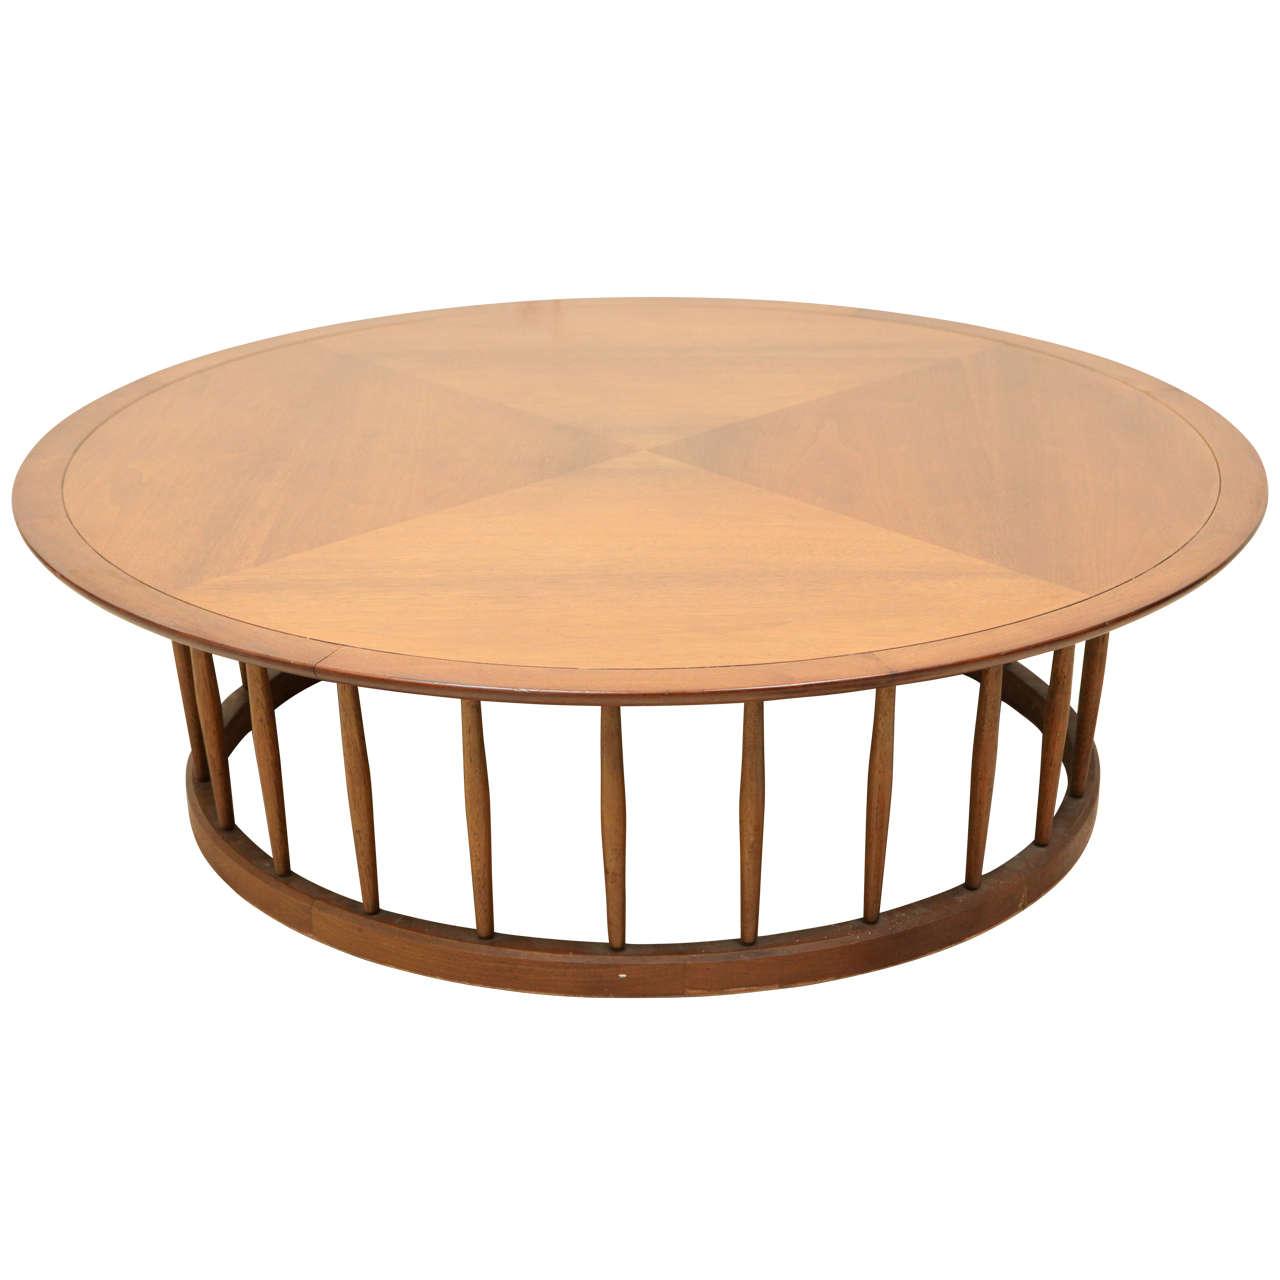 John Van Koert Round Spindle Coffee Table For Drexel At 1stdibs